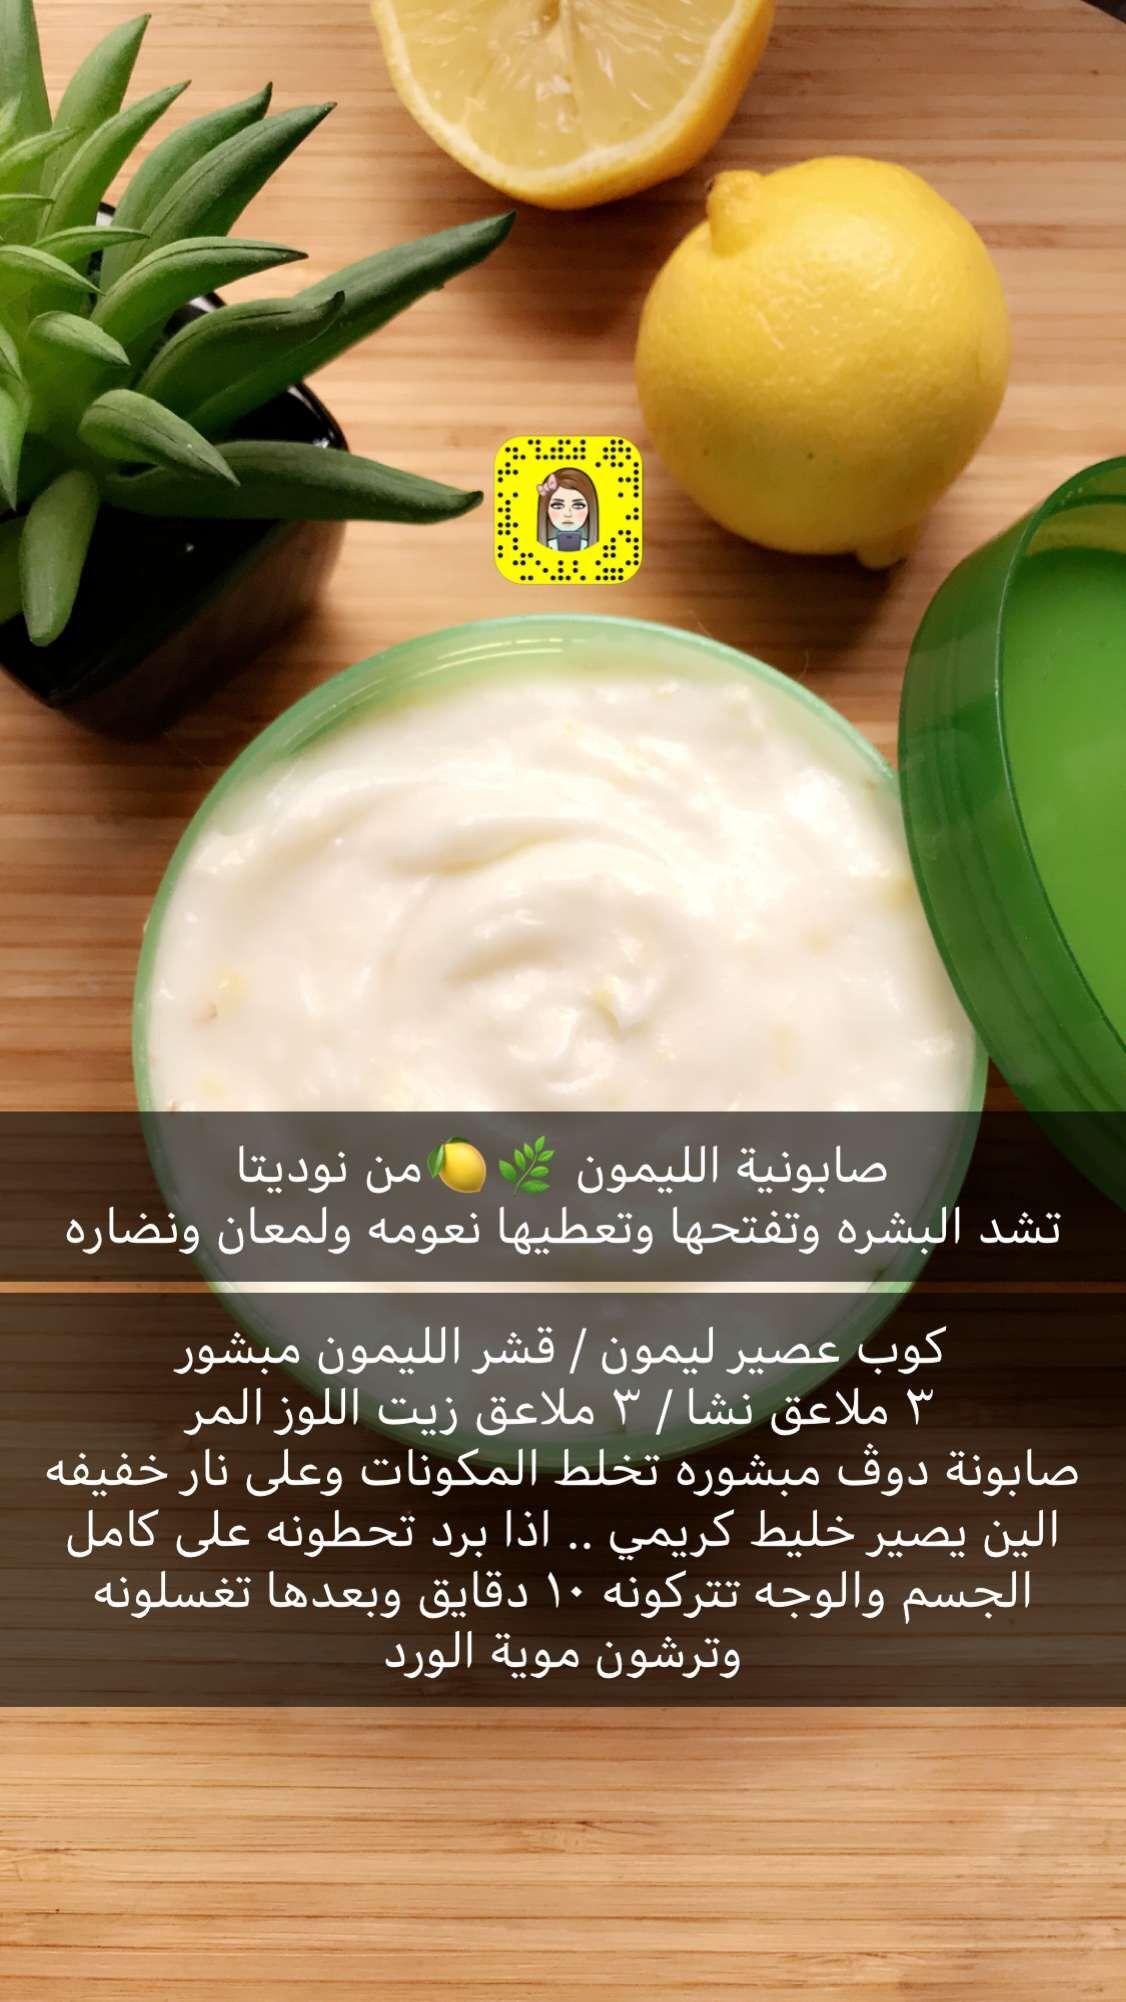 صابونيه Beauty Tips For Glowing Skin Beauty Skin Care Routine Hair Care Recipes